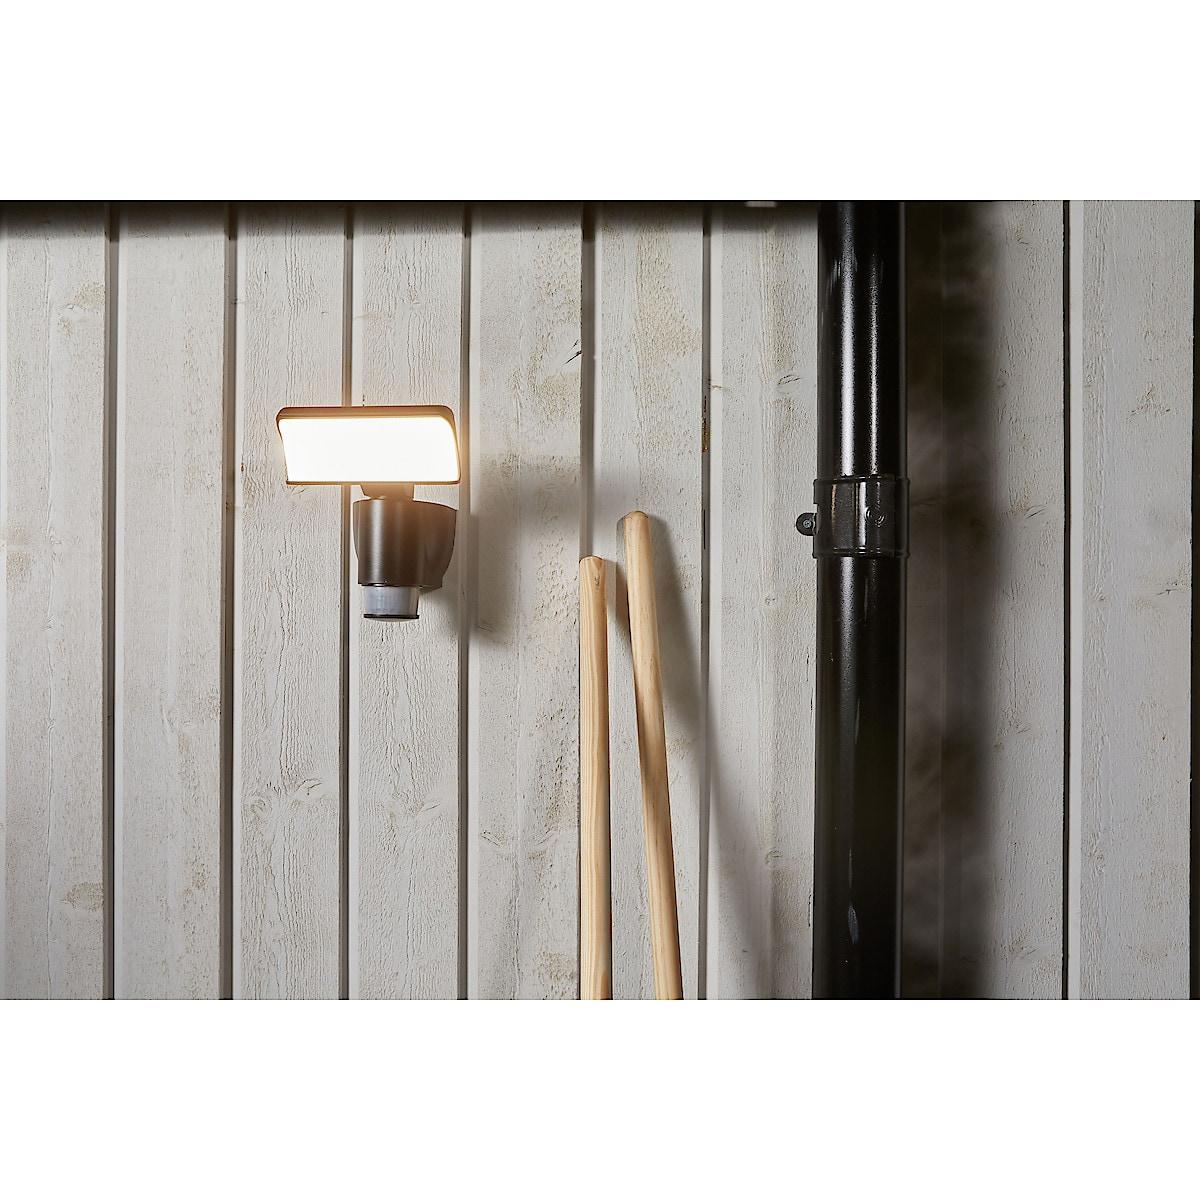 Robotic-seinävalaisin, jossaliiketunnistinja valoanturi, Cotech